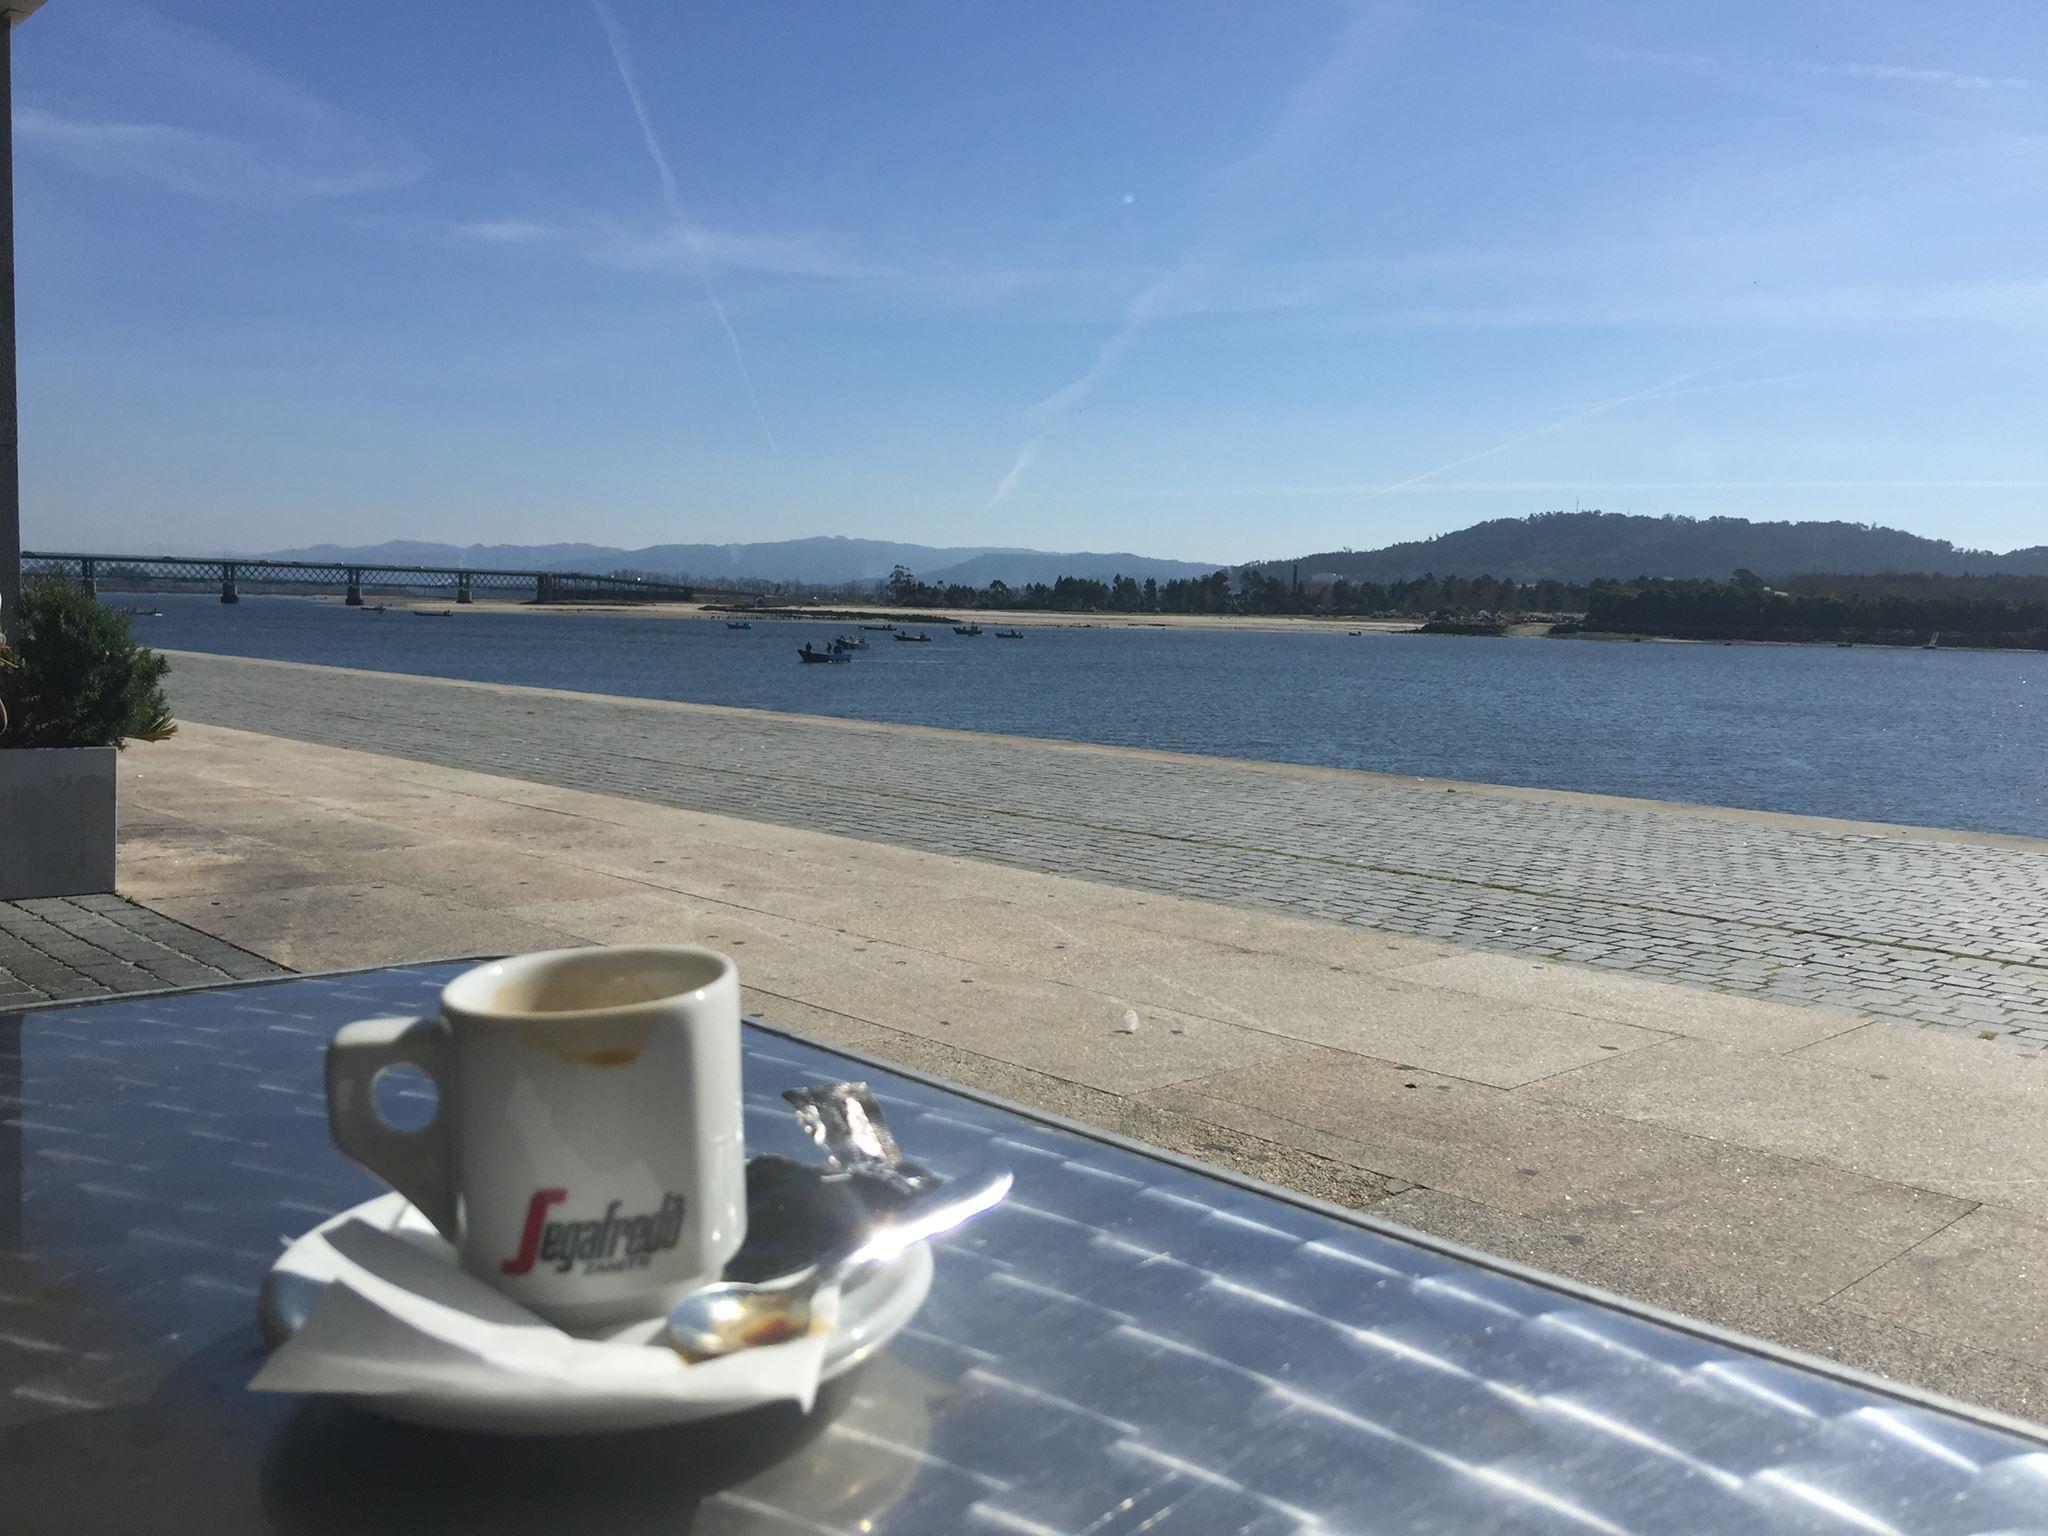 Arruamentos e praças interditadas ao trânsito para garantir esplanadas a restaurantes, cafés e pastelarias em Viana